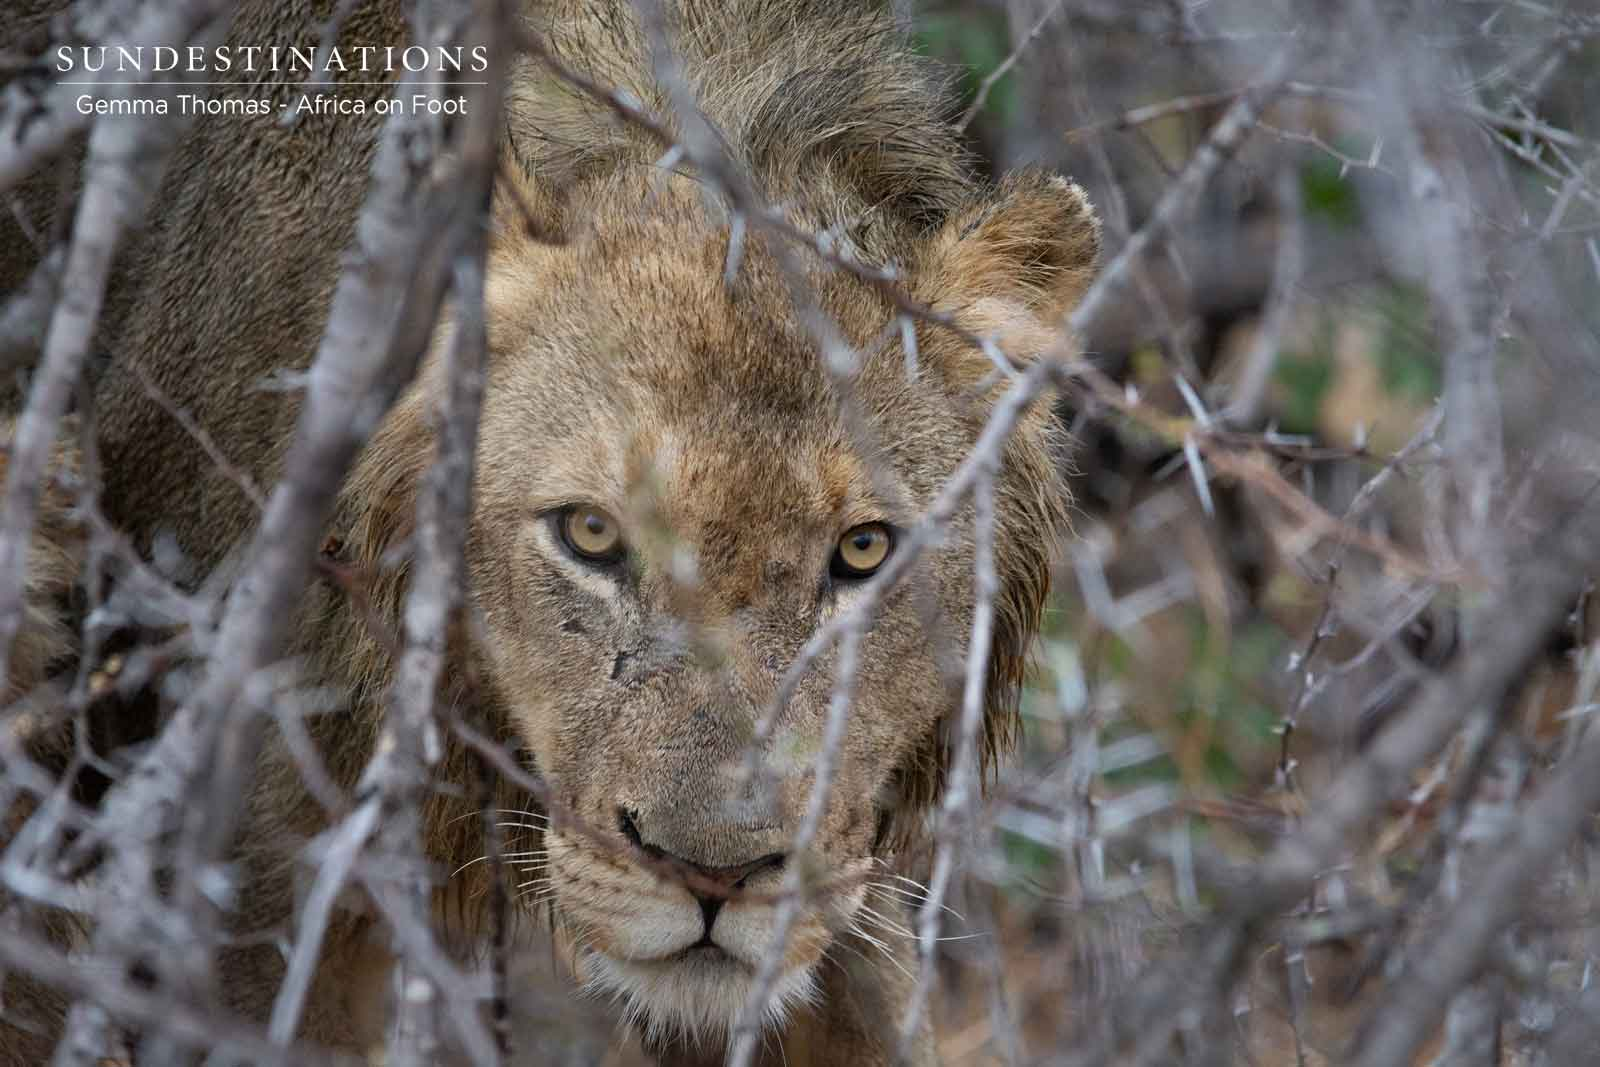 Pride of 6 Lions in Klaserie